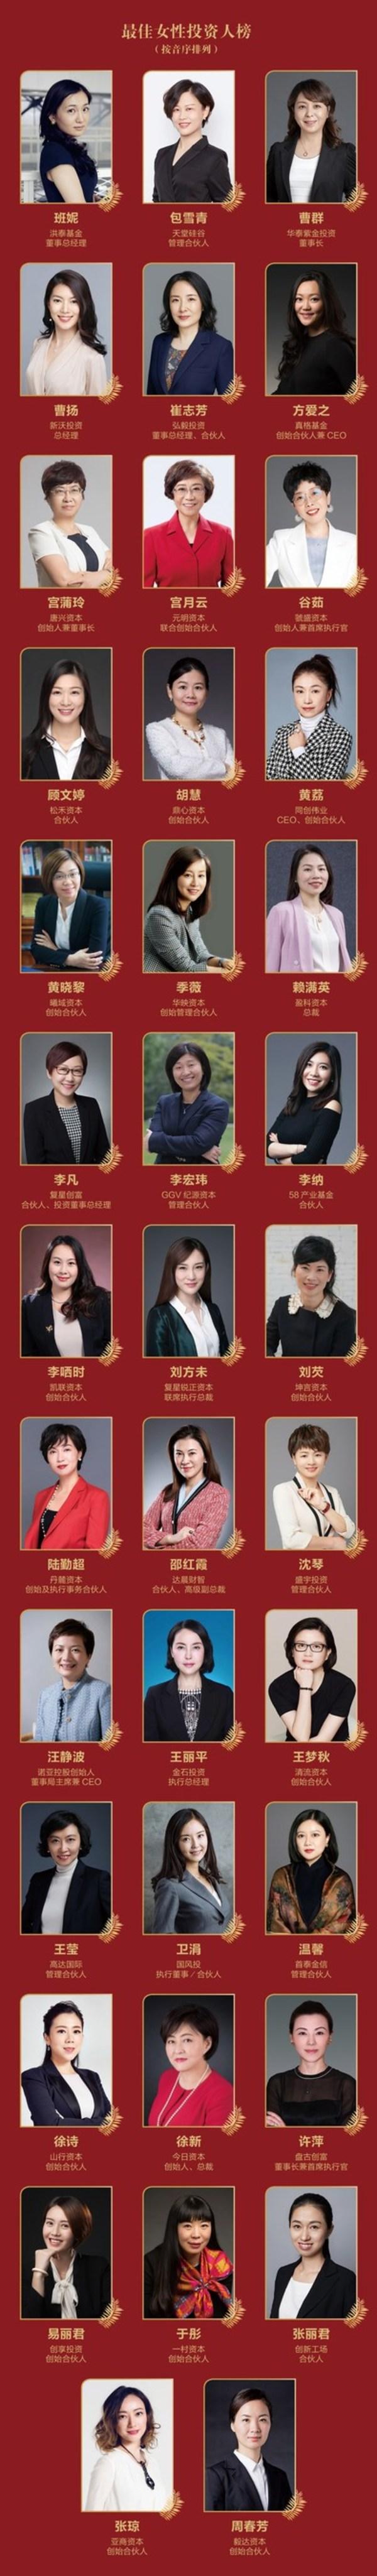 """融资中国2020年度""""最佳女性投资人""""榜单发布"""